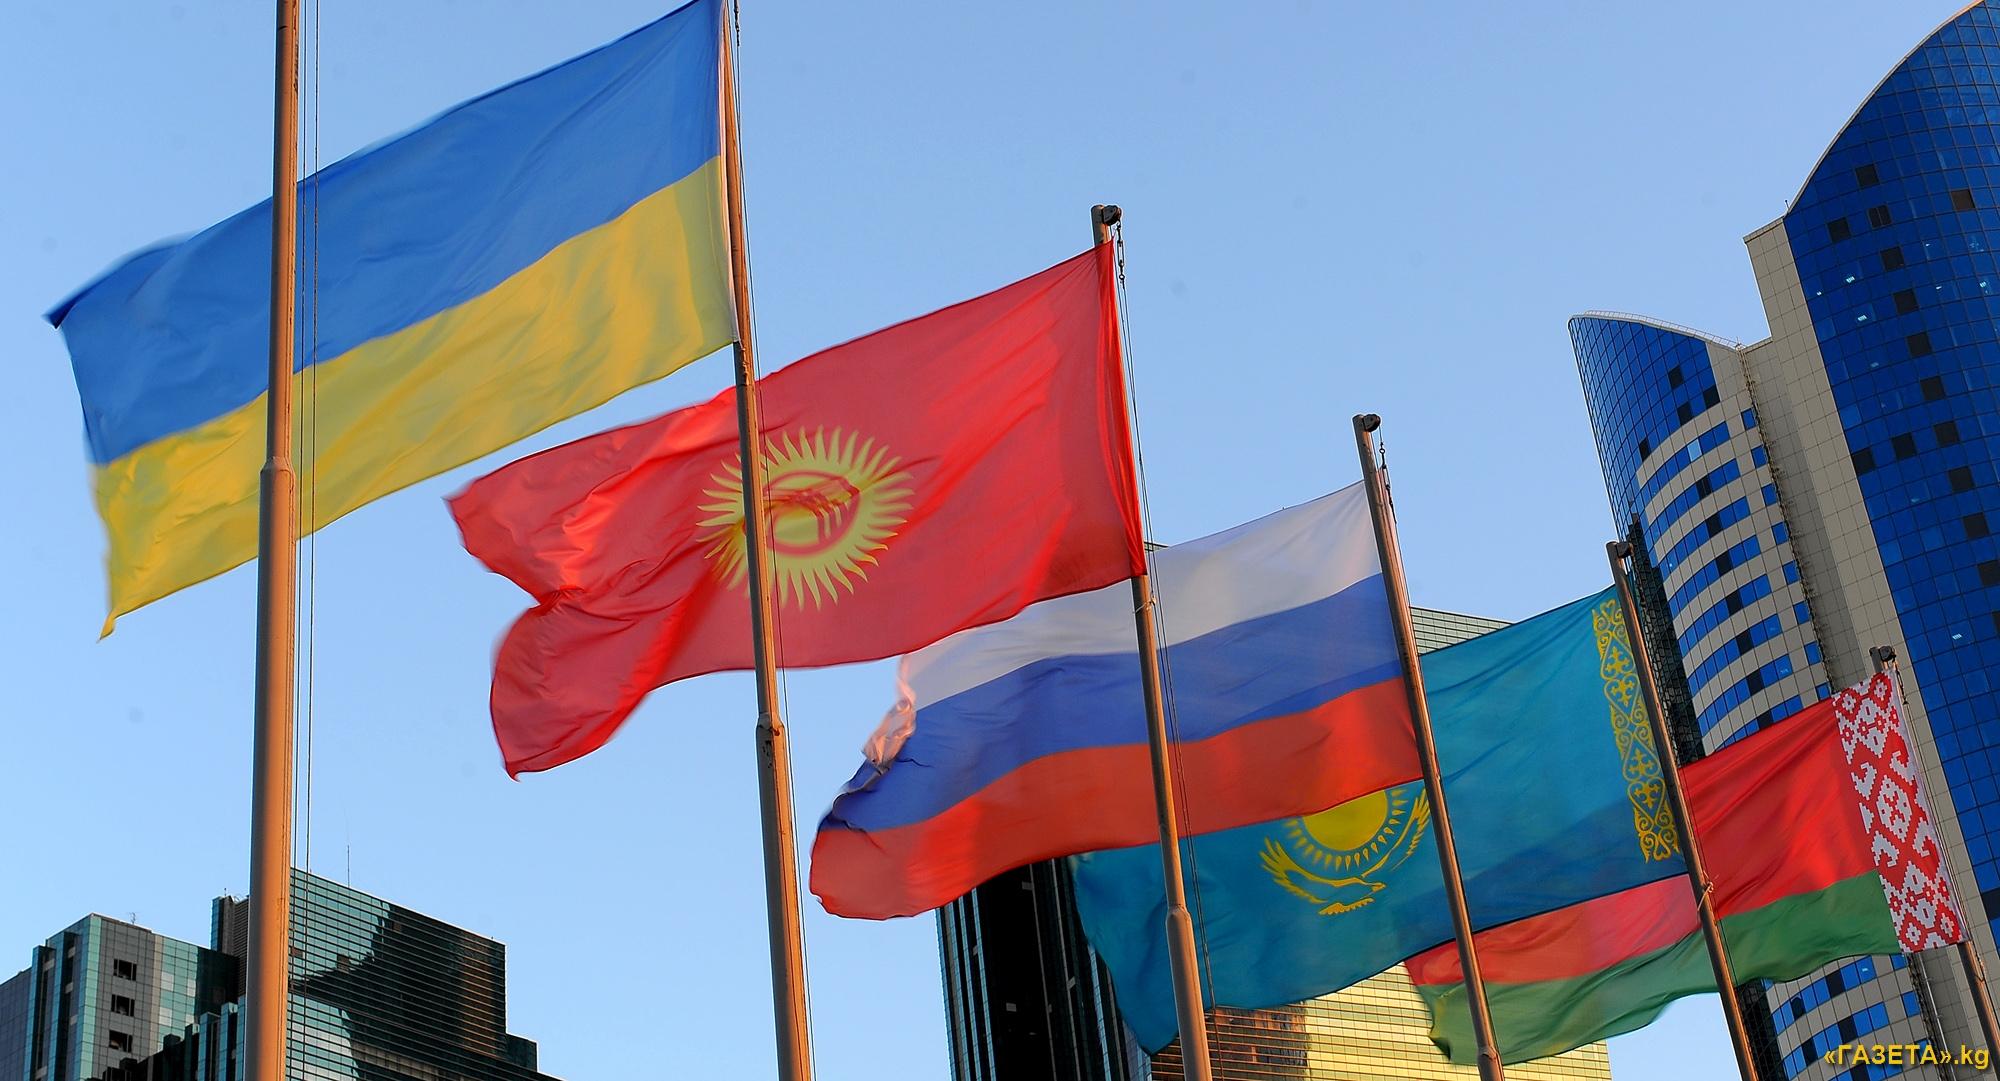 Кыргызстан до 1 января экстренно одобрит все 112 законопроектов по вступлению в ТС - Жээнбеков